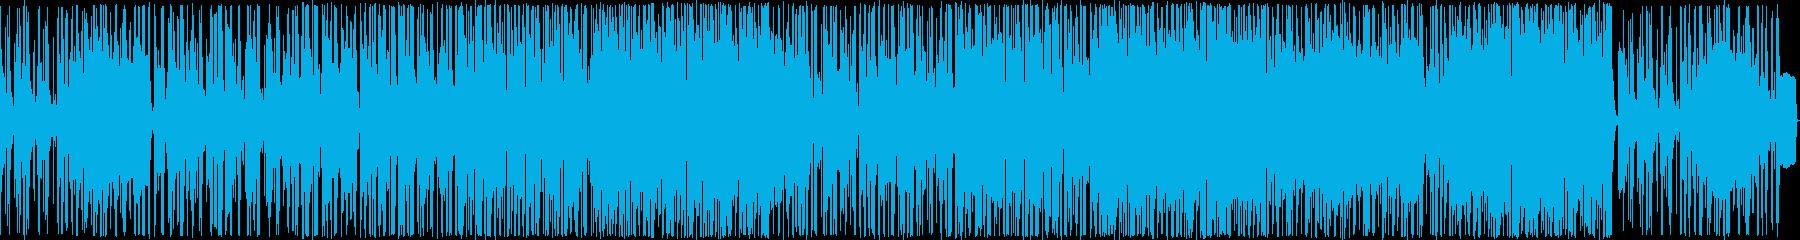 ヒップホップ風のリズムのR&Bバラード7の再生済みの波形